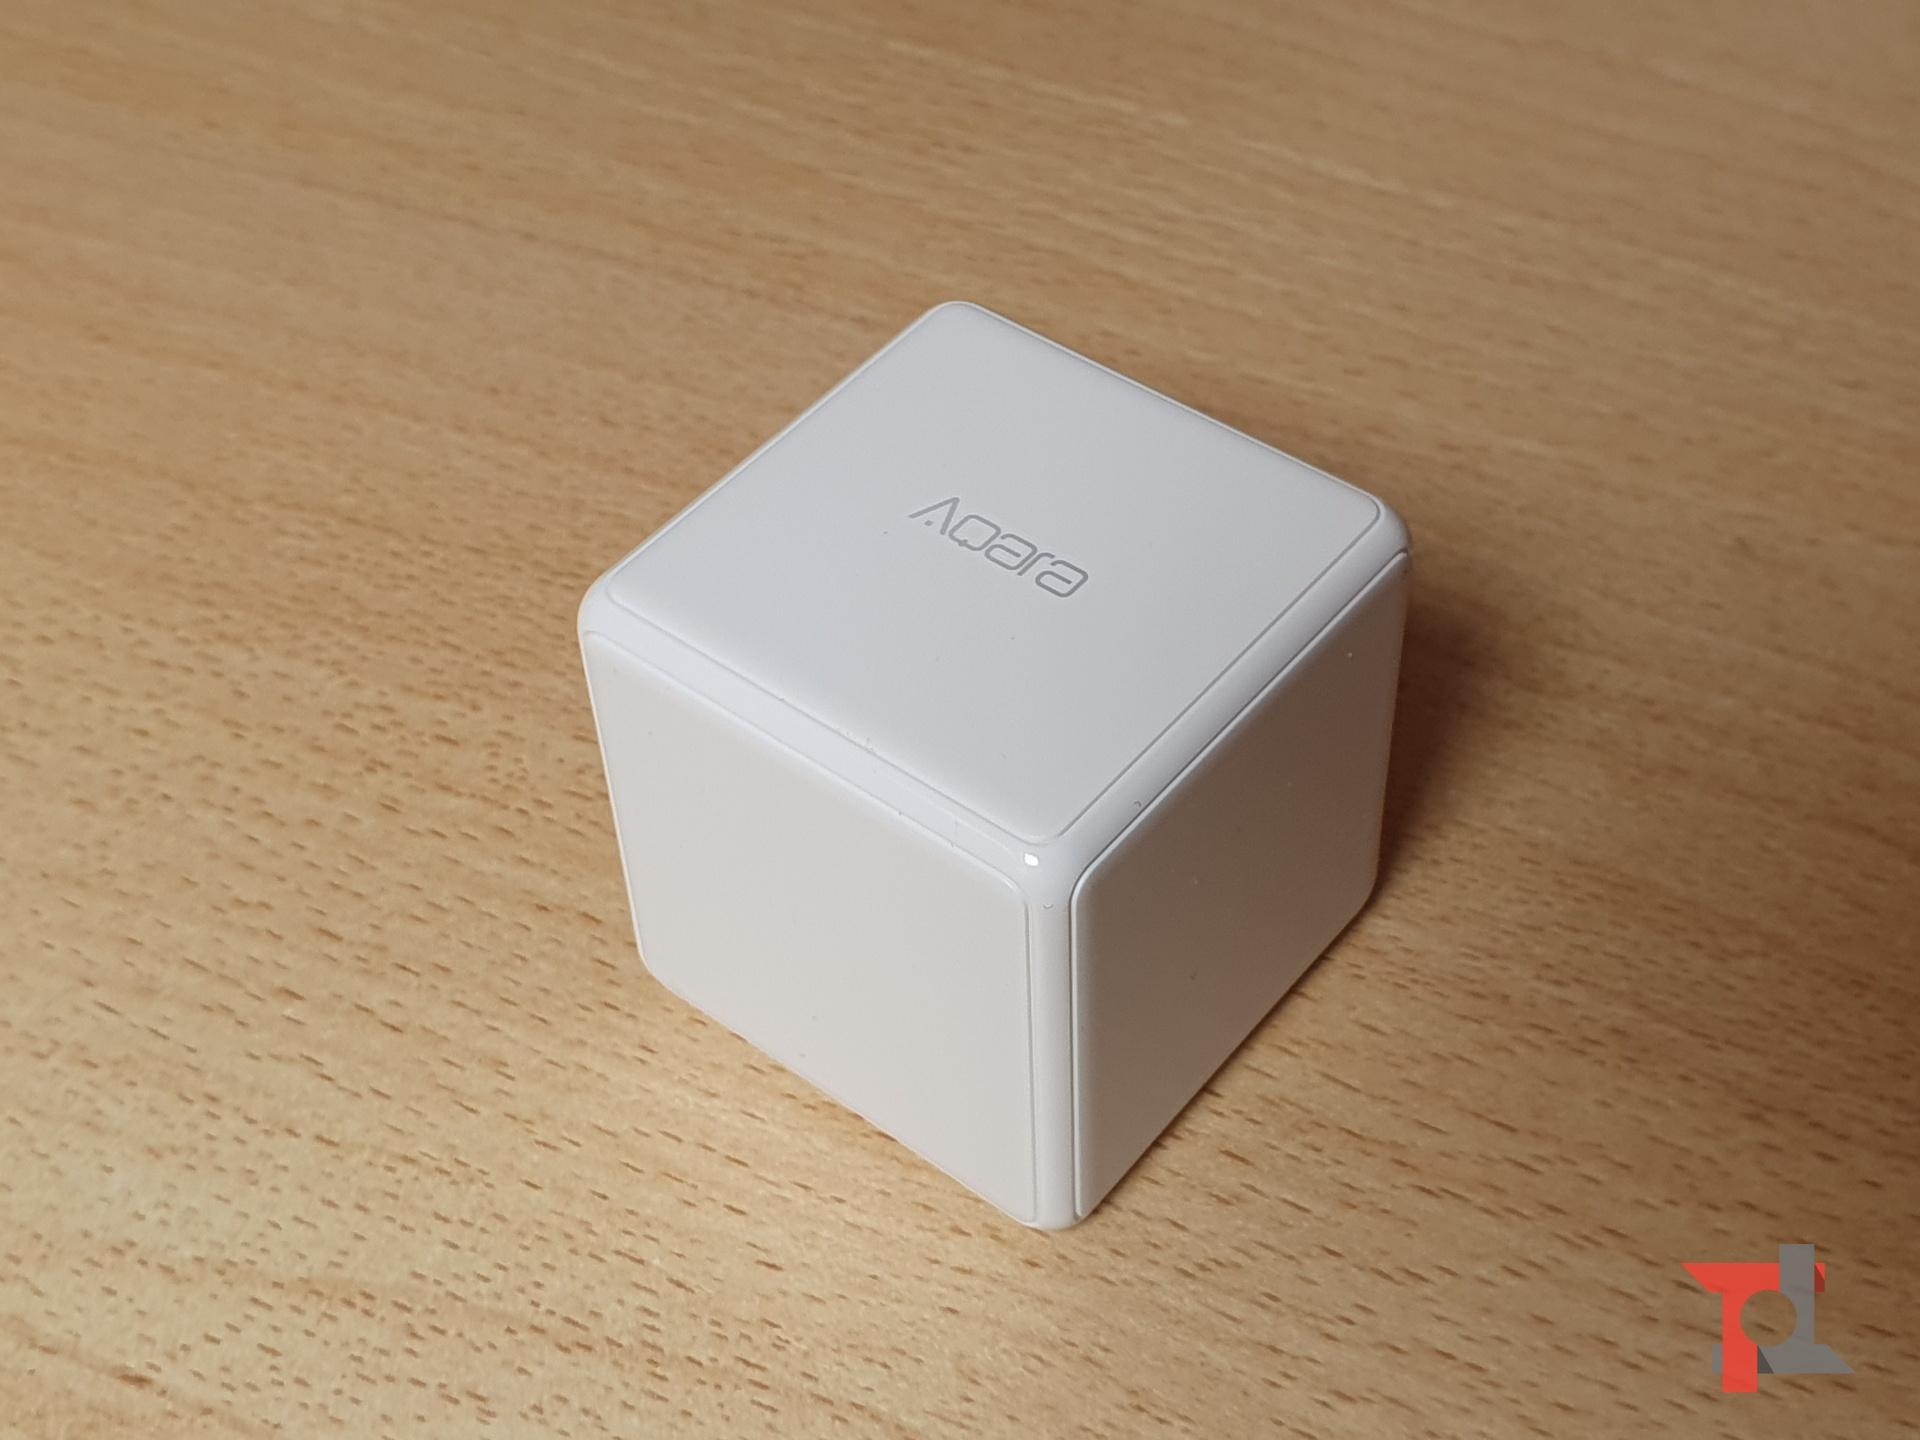 Aqara e Yeelight, due brand che puntano alla smart home: abbiamo provato questi prodotti 12